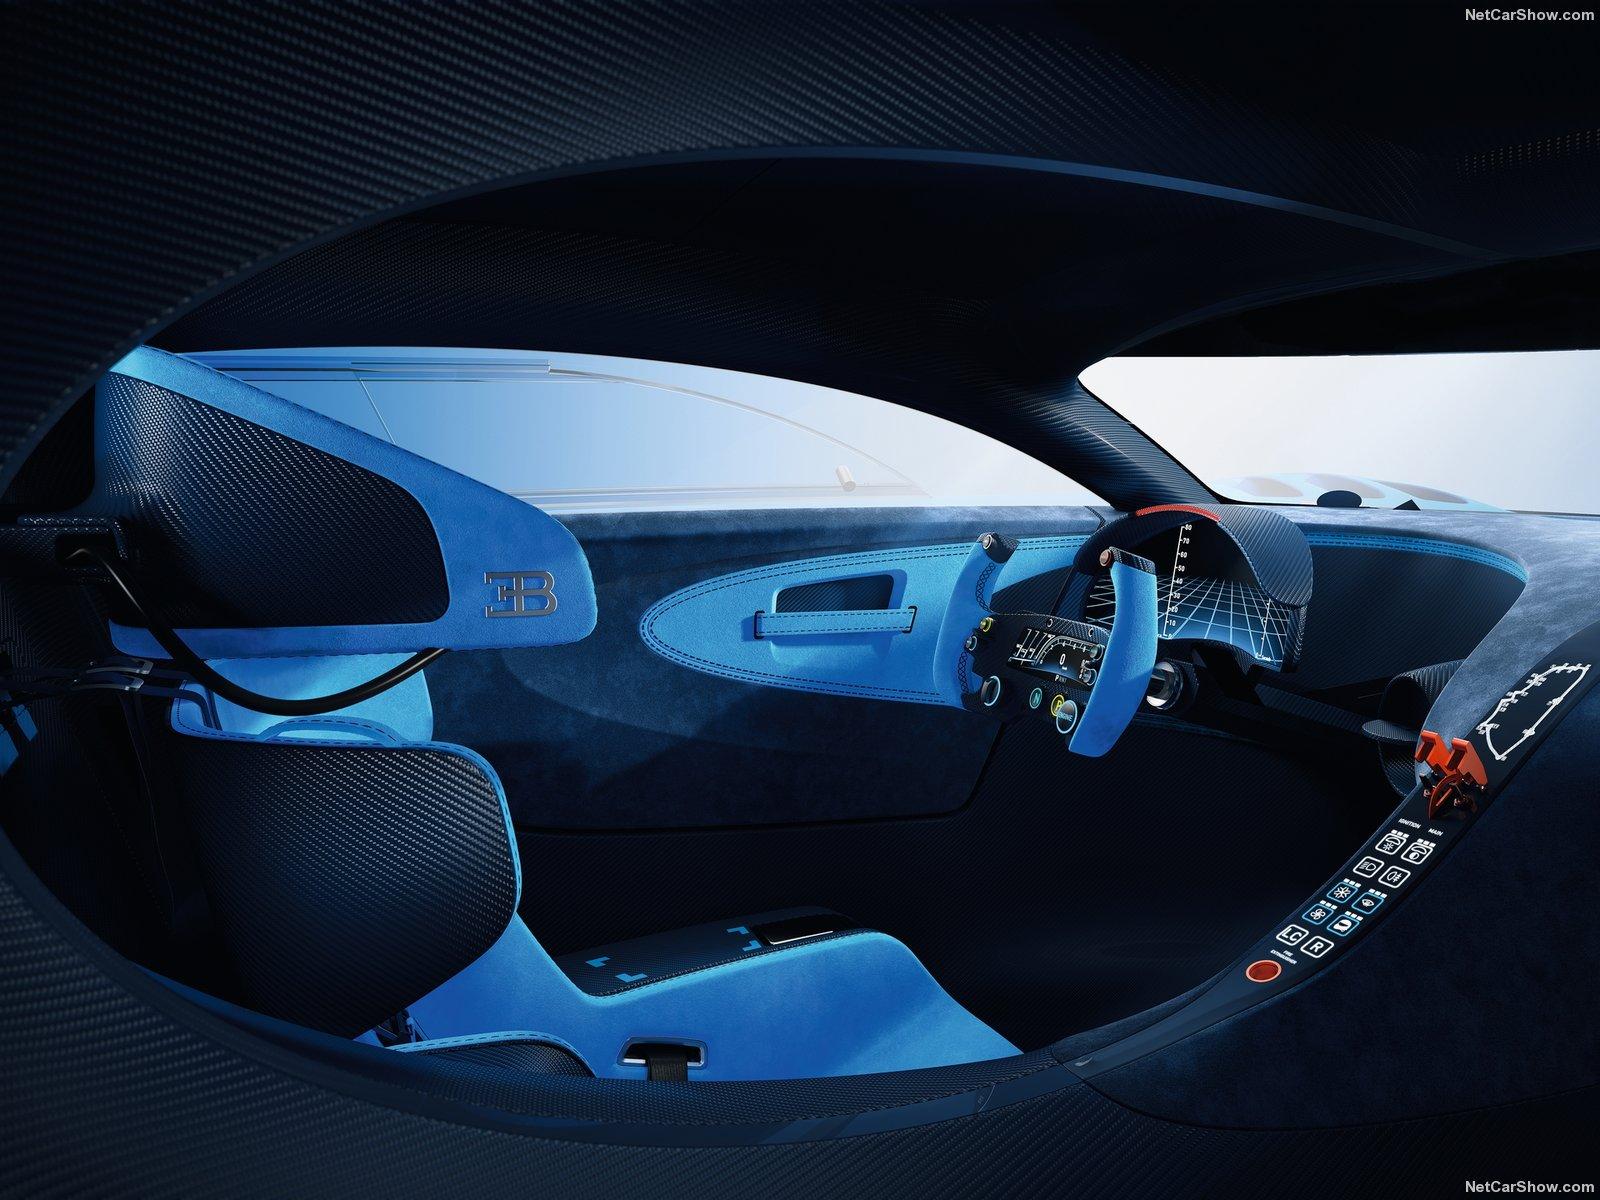 Bugatti-Vision_Gran_Turismo_Concept_2015_1600x1200_wallpaper_06.jpg